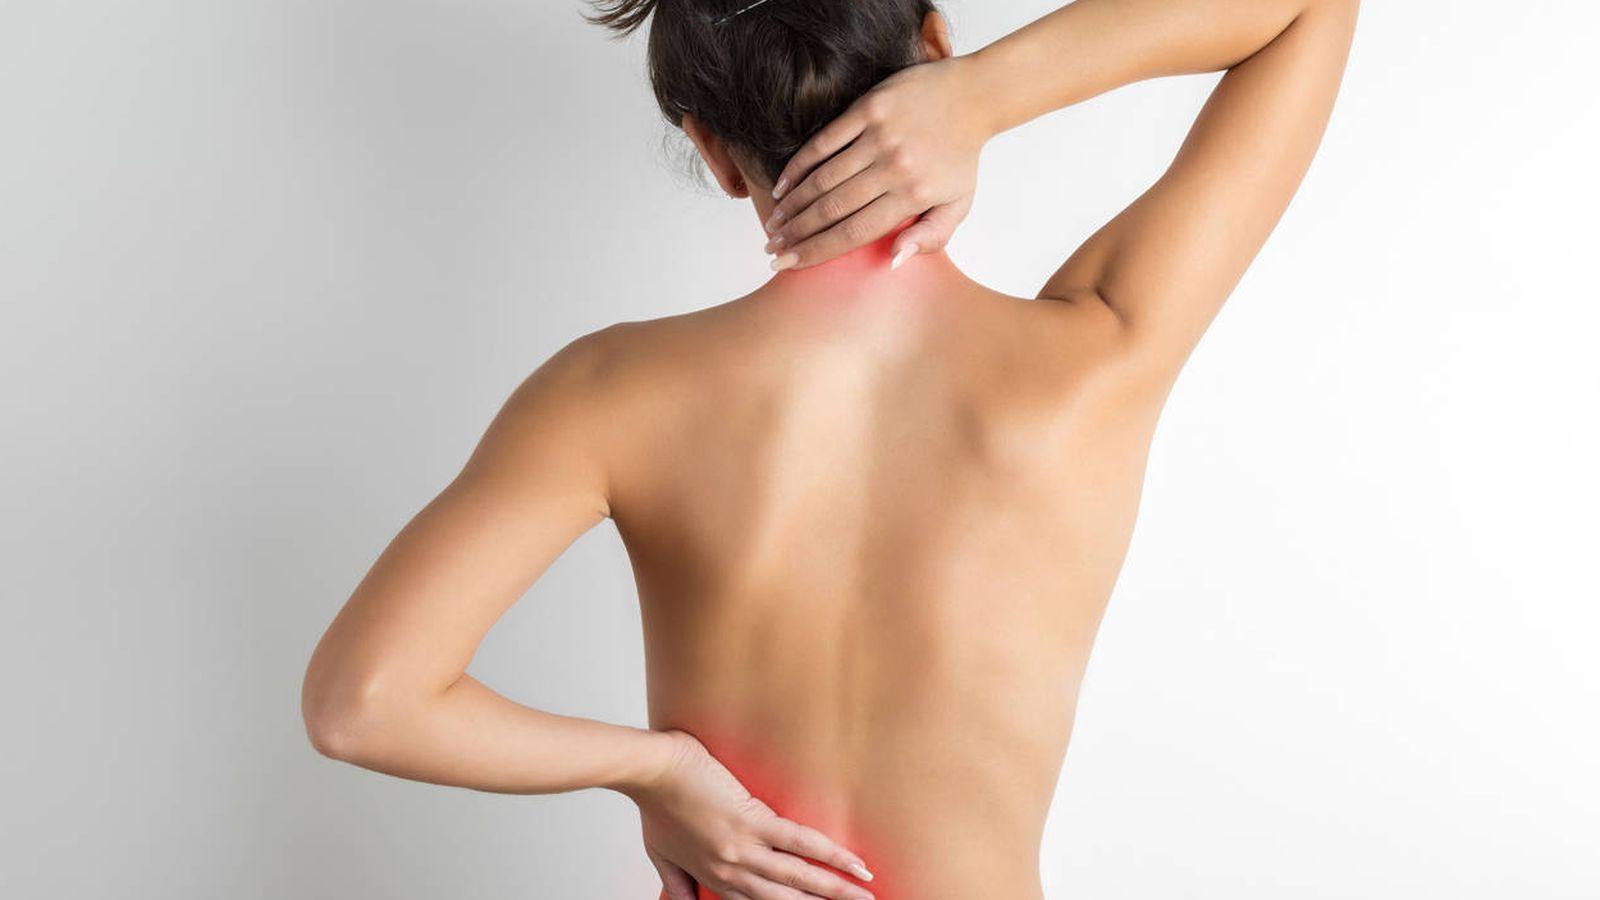 Dolor de espalda provocado por el bolso: cómo evitarlo